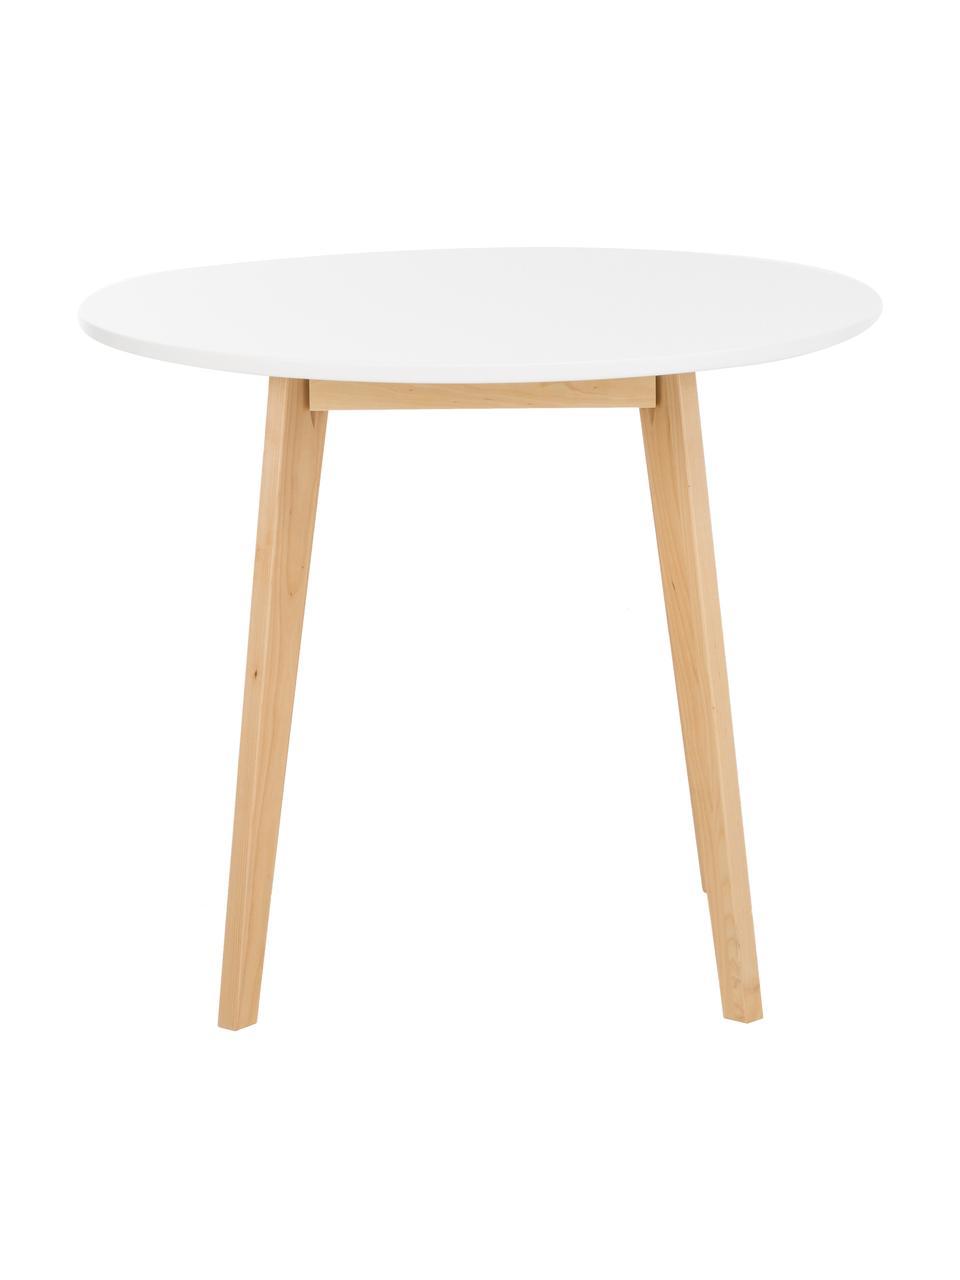 Runder Esstisch Raven, Ø 90 cm, Beine: Birkenholz, naturbelassen, Tischplatte: Mitteldichte Holzfaserpla, Weiß, Ø 90 cm x H 76 cm